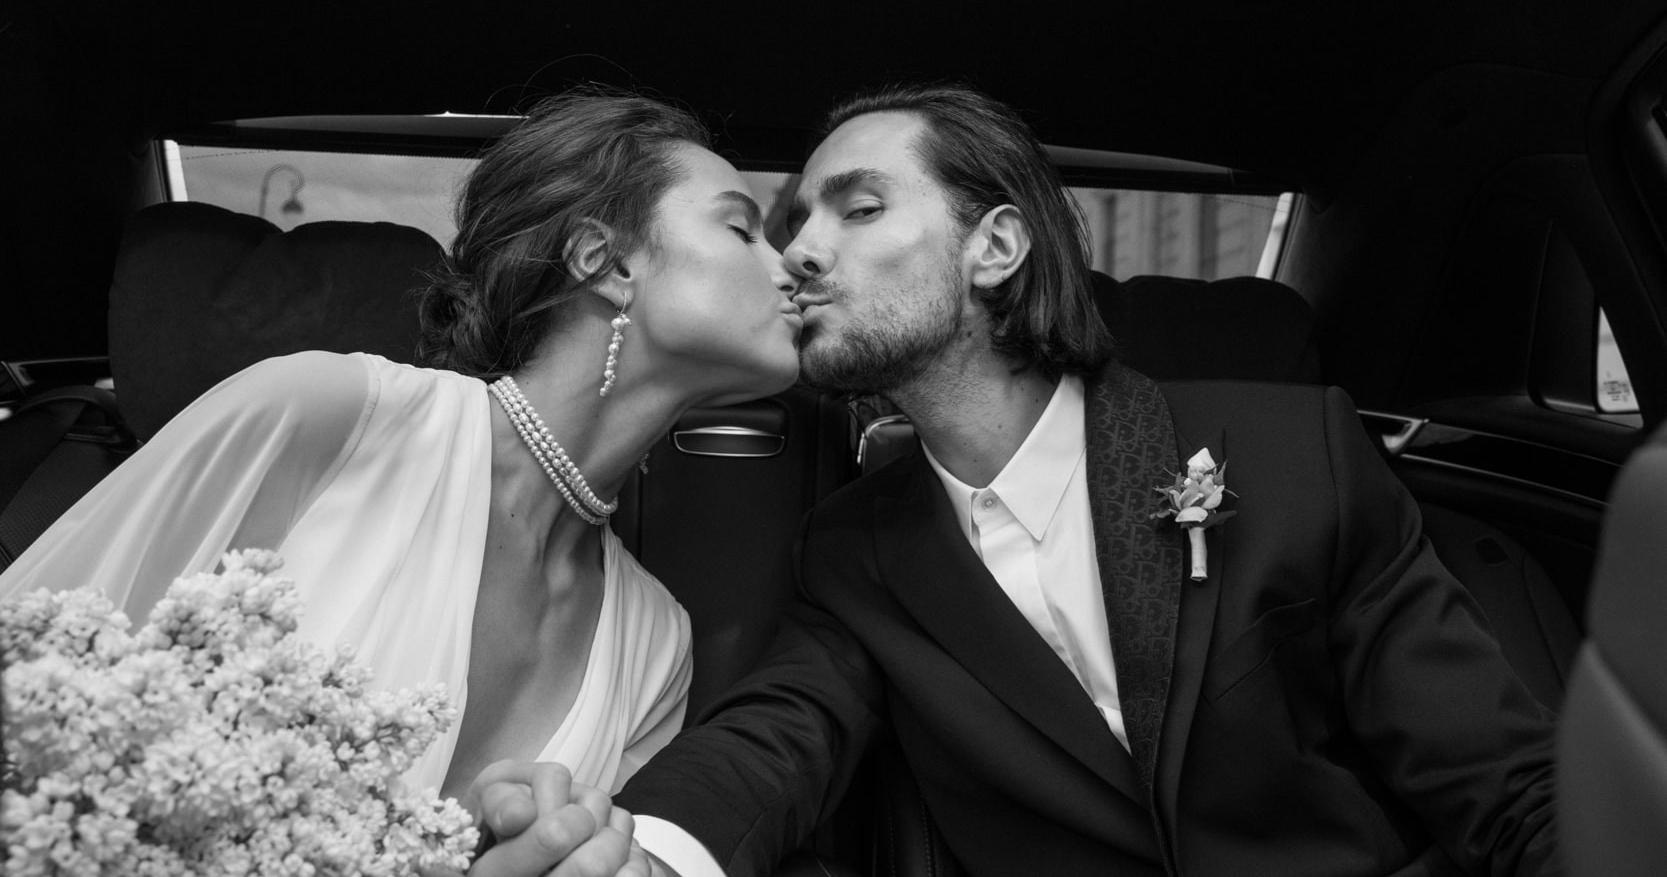 Стильная свадьба из Санкт-Петербурга, покорившая инстаграм